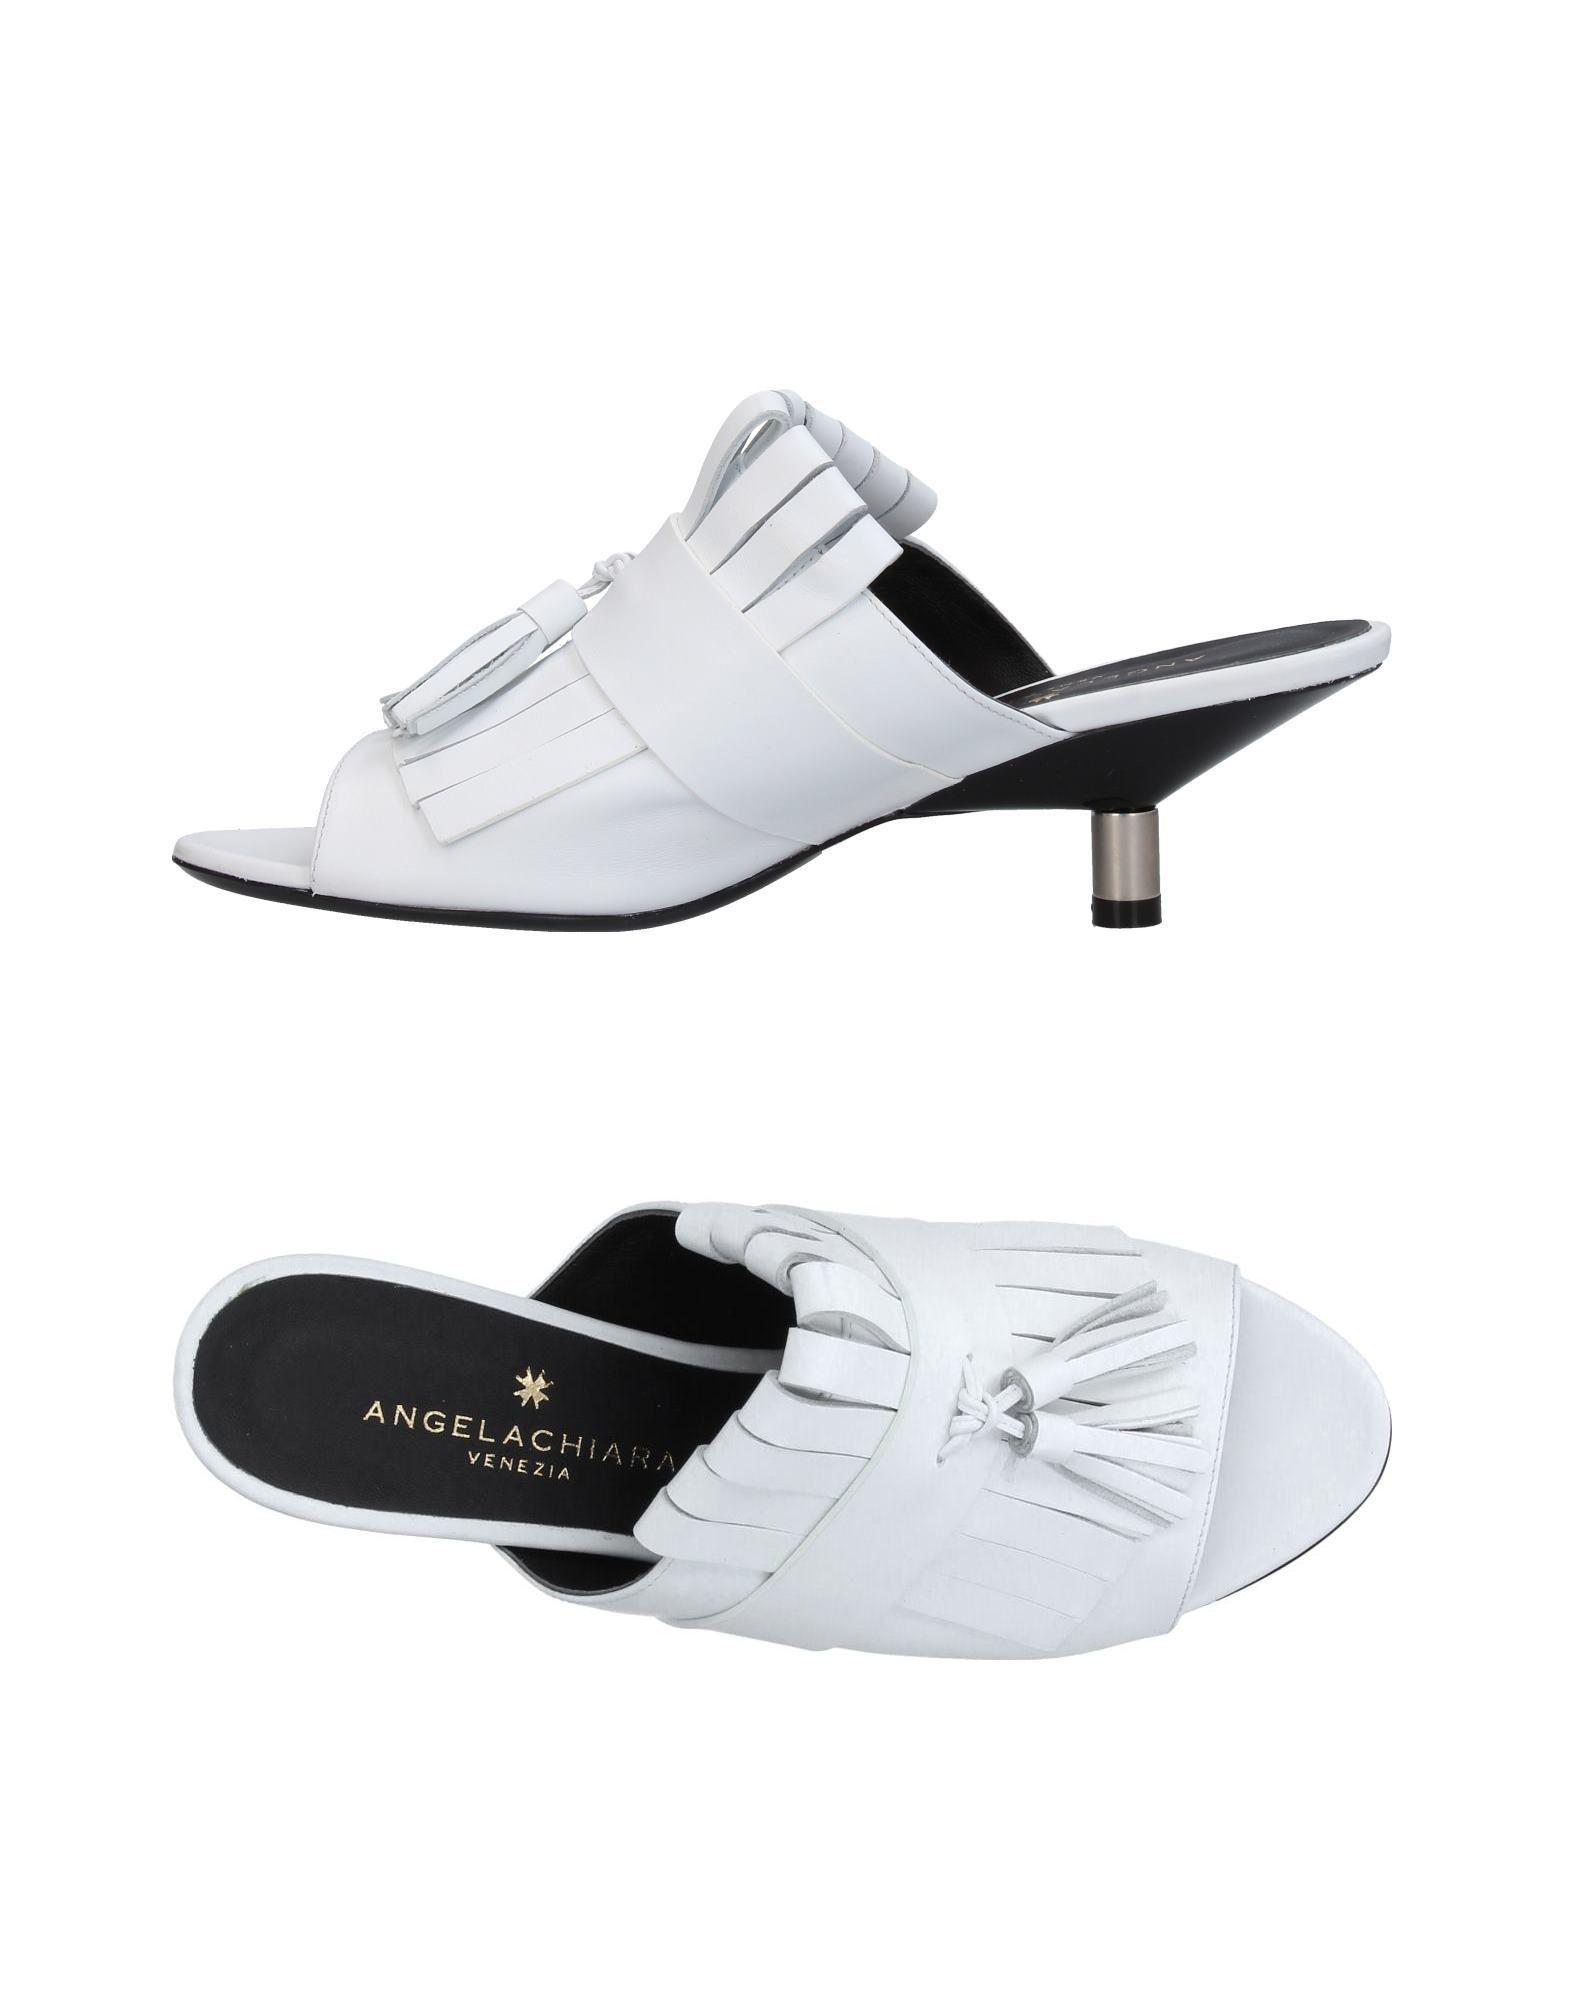 Angela Angela Angela Chiara Venezia Sandalen Damen  11367293MQ Neue Schuhe f68437